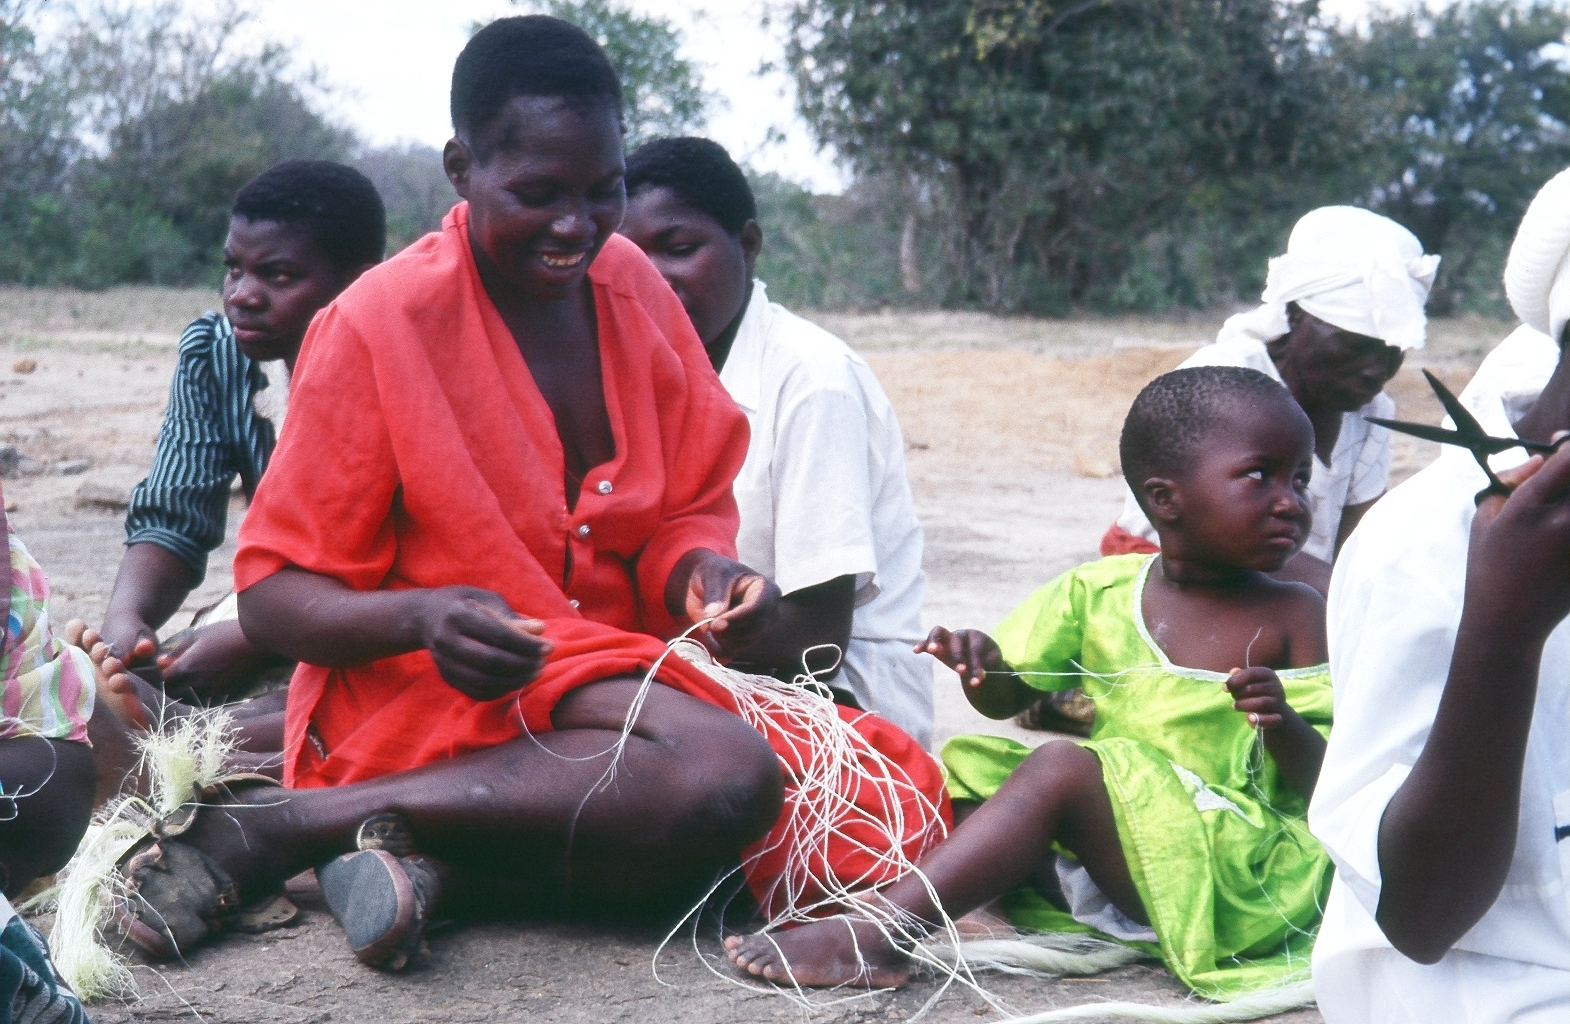 weavingwith kid pic.JPG